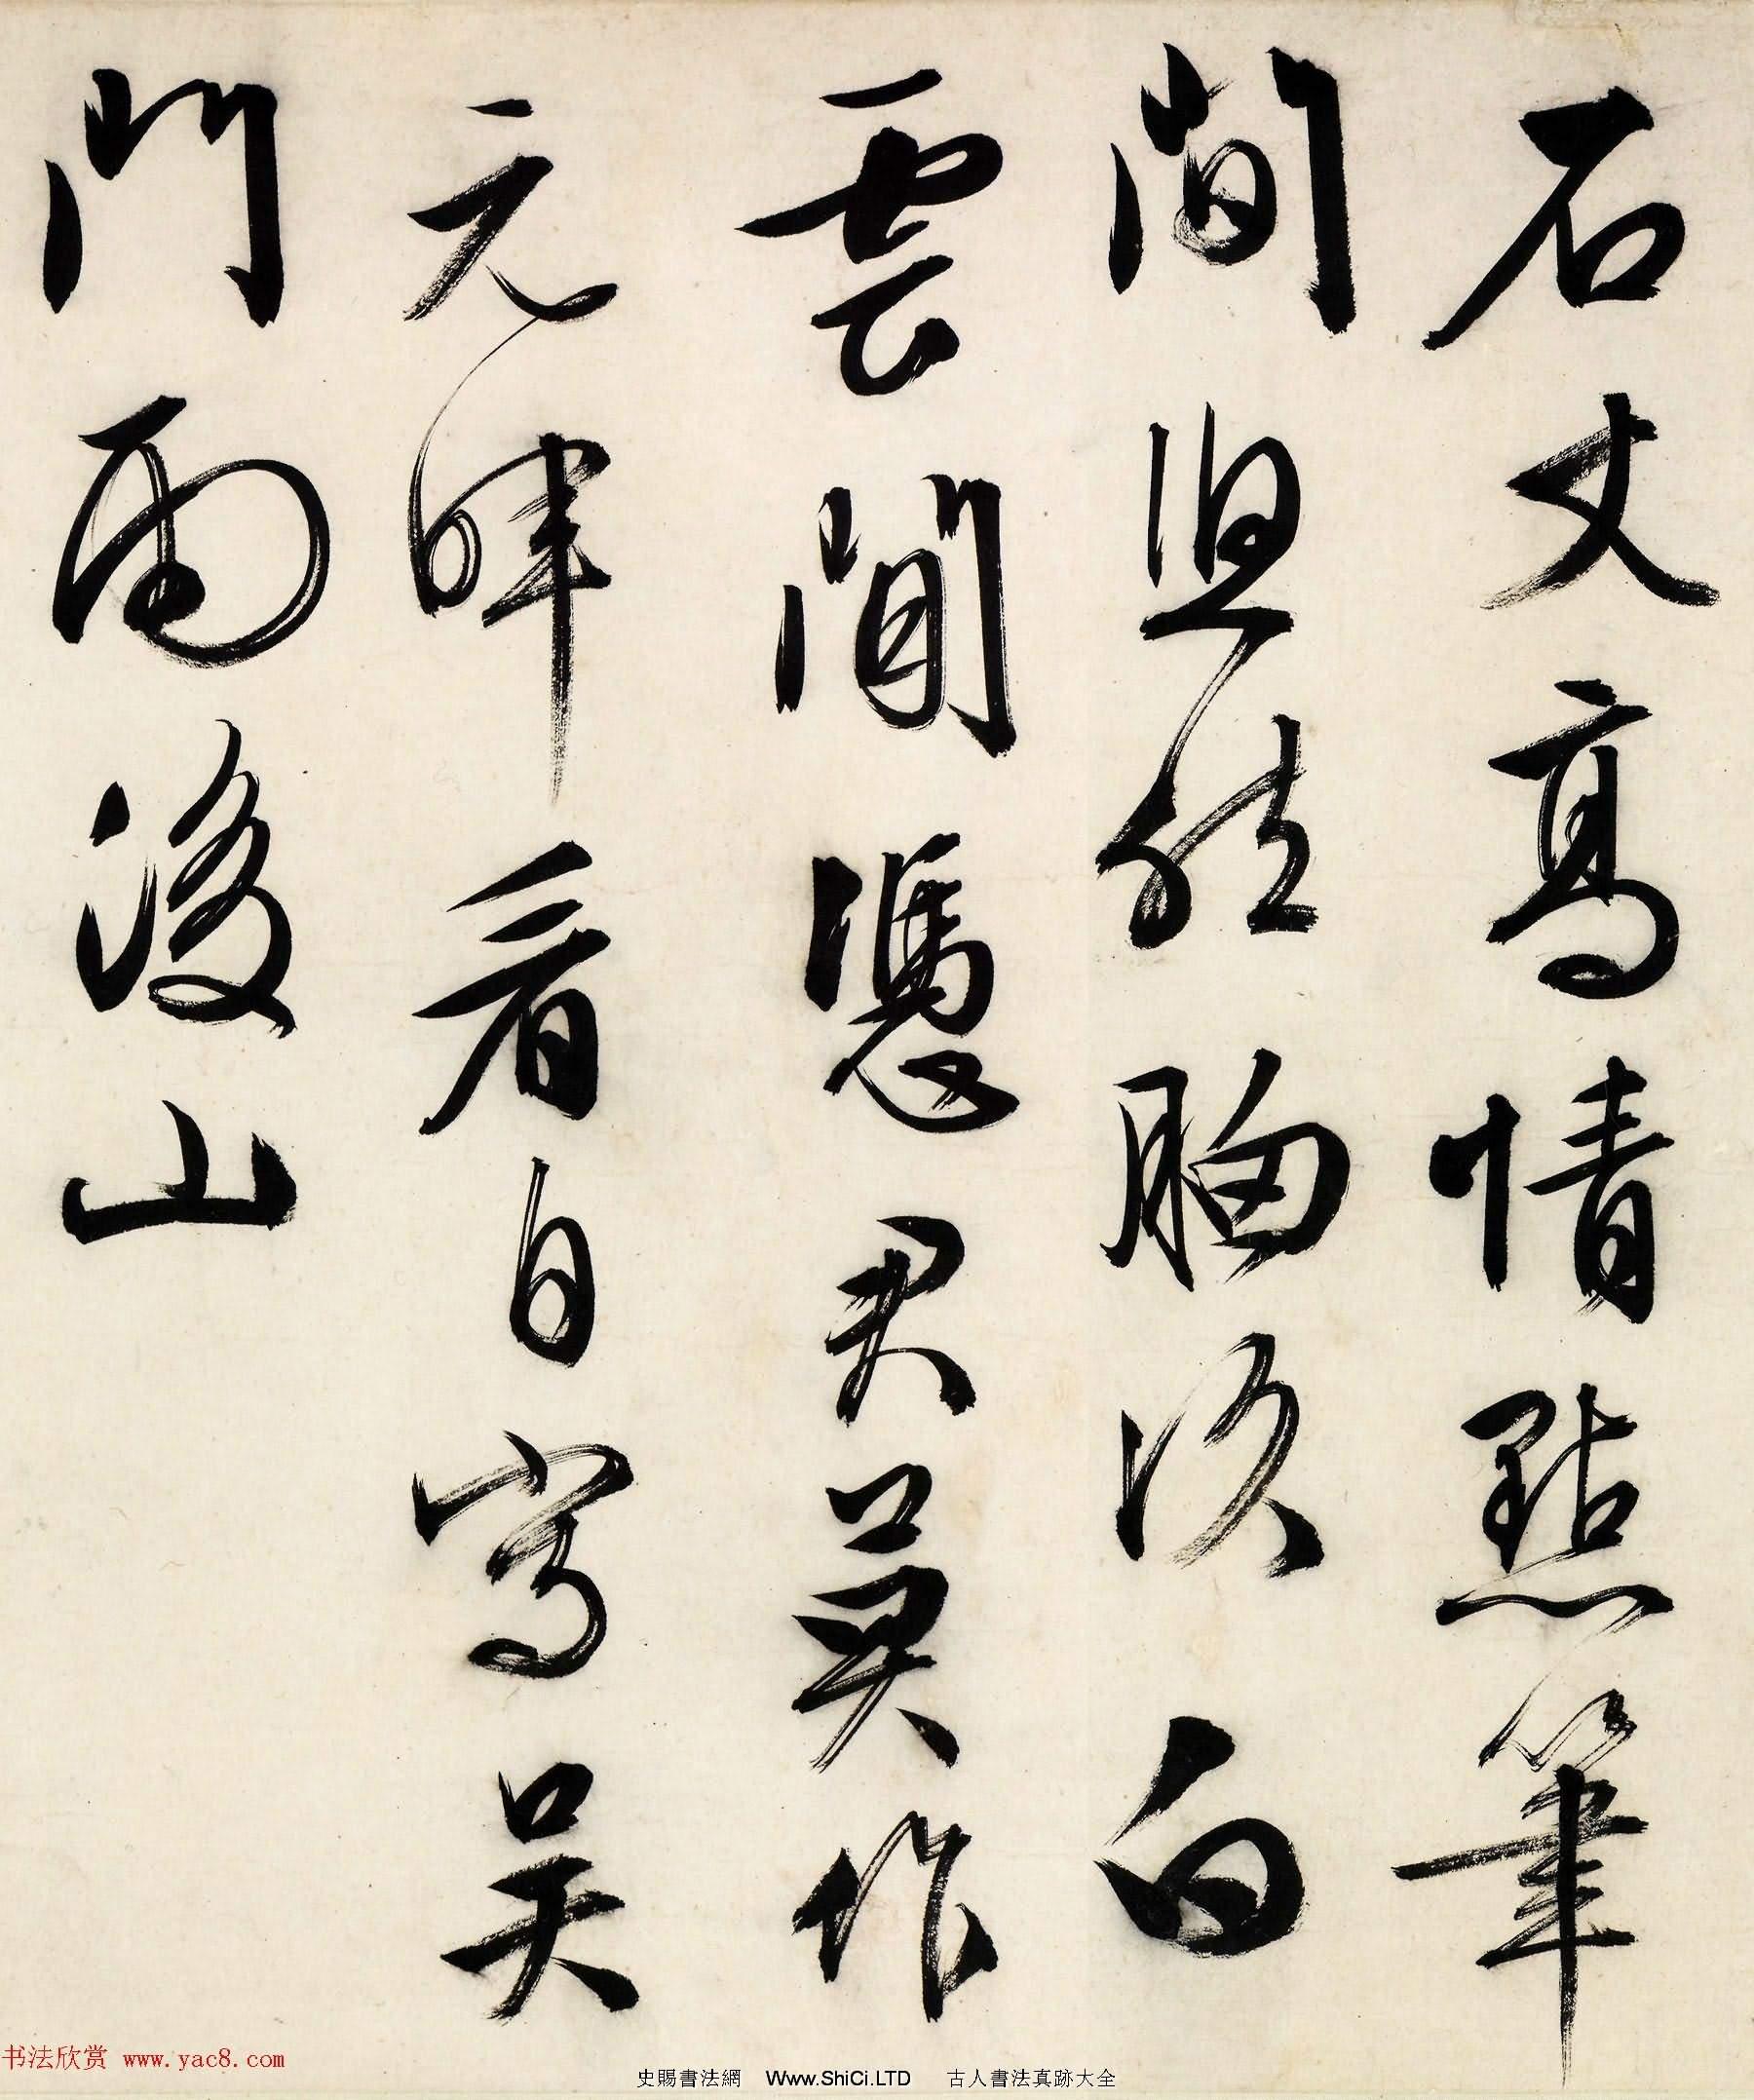 文征明76歲書法題跋沈周支硎遇友圖卷(共8張圖片)